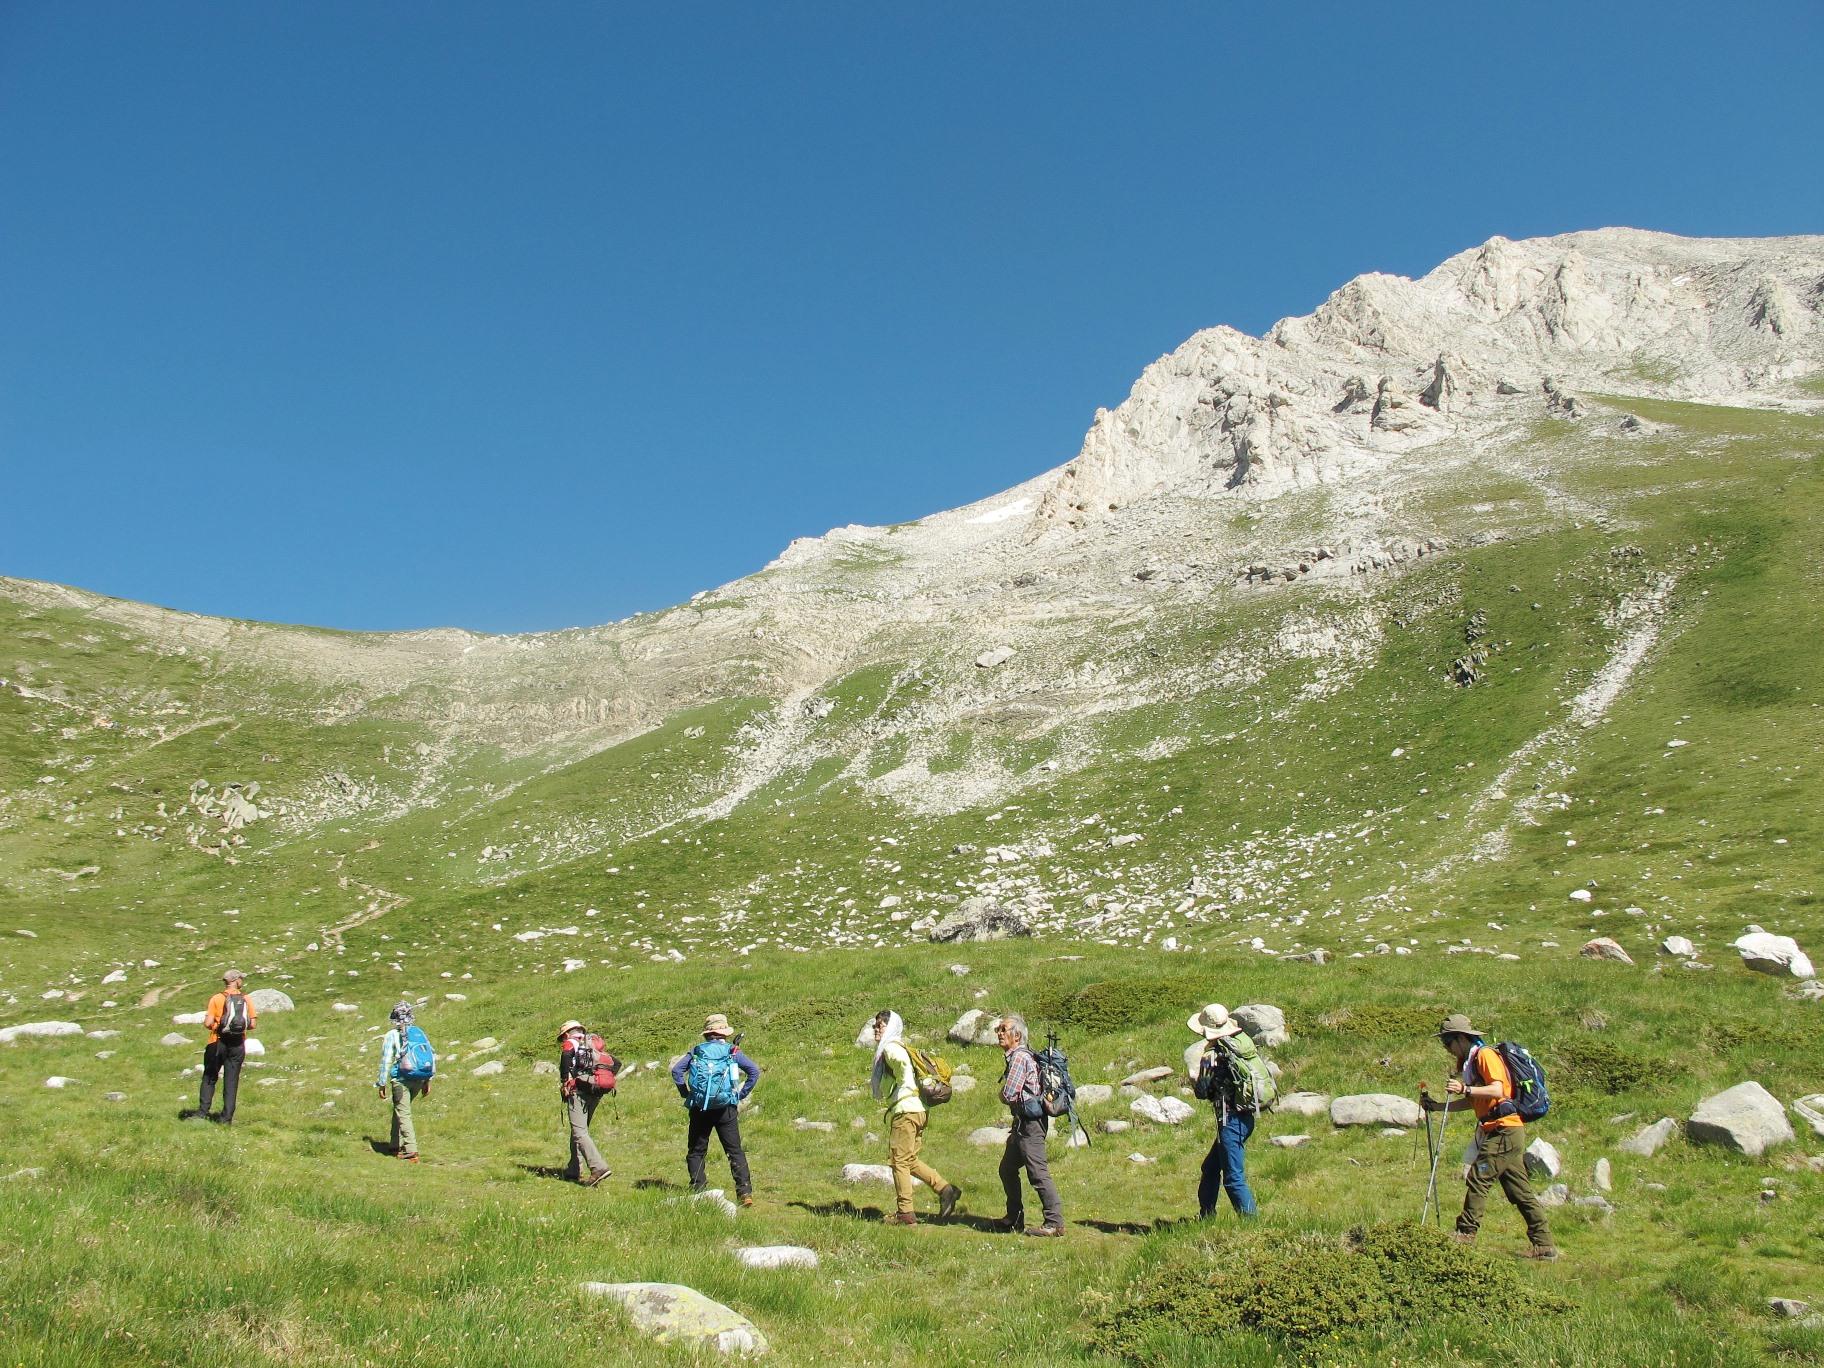 7月7日出発「ブルガリアの名峰3座登頂と世界遺産リラの僧院 9日間」